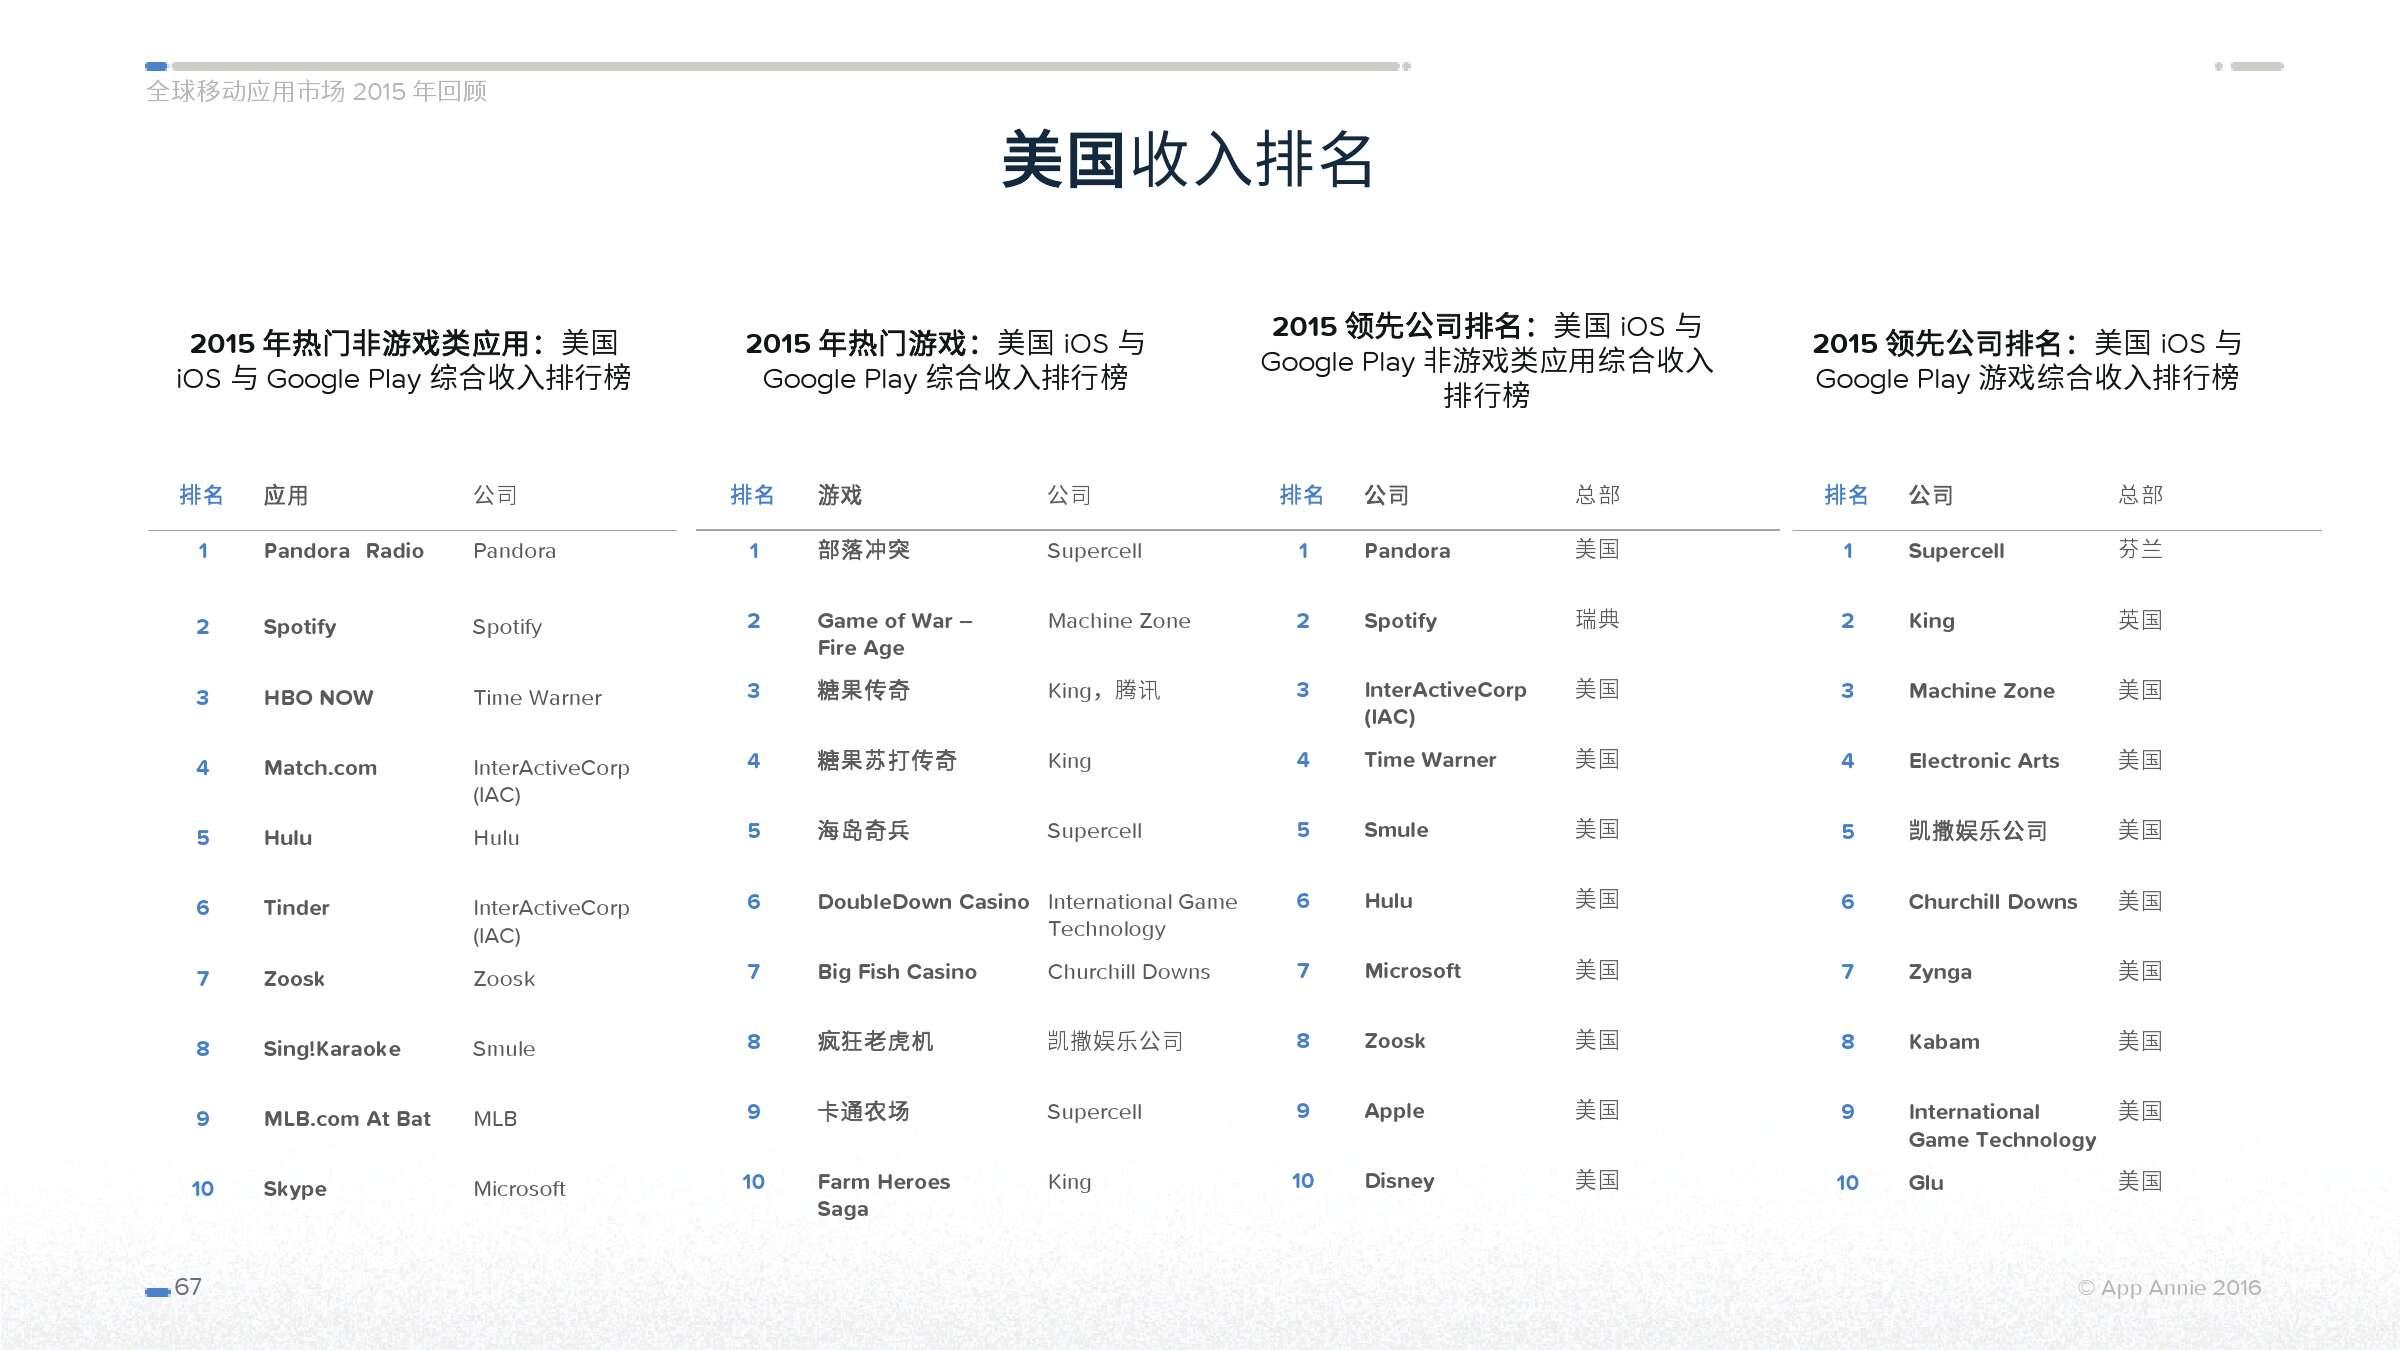 App Annie 全球移动应用市场 2015 年回顾_000067